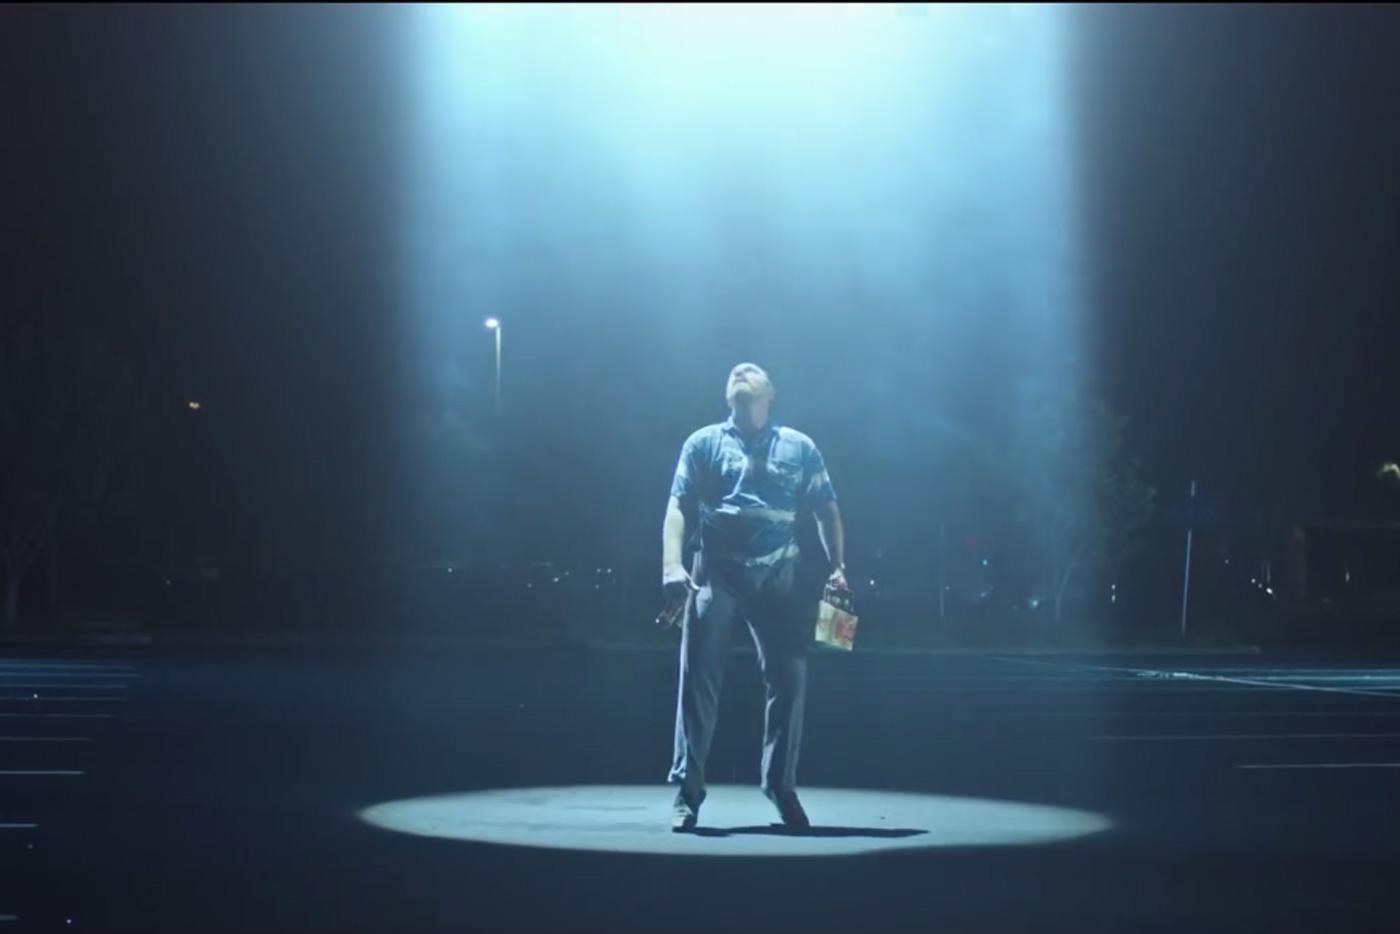 Abducciones alienígenas a ritmo de DJ Shadow y Nils Frahm